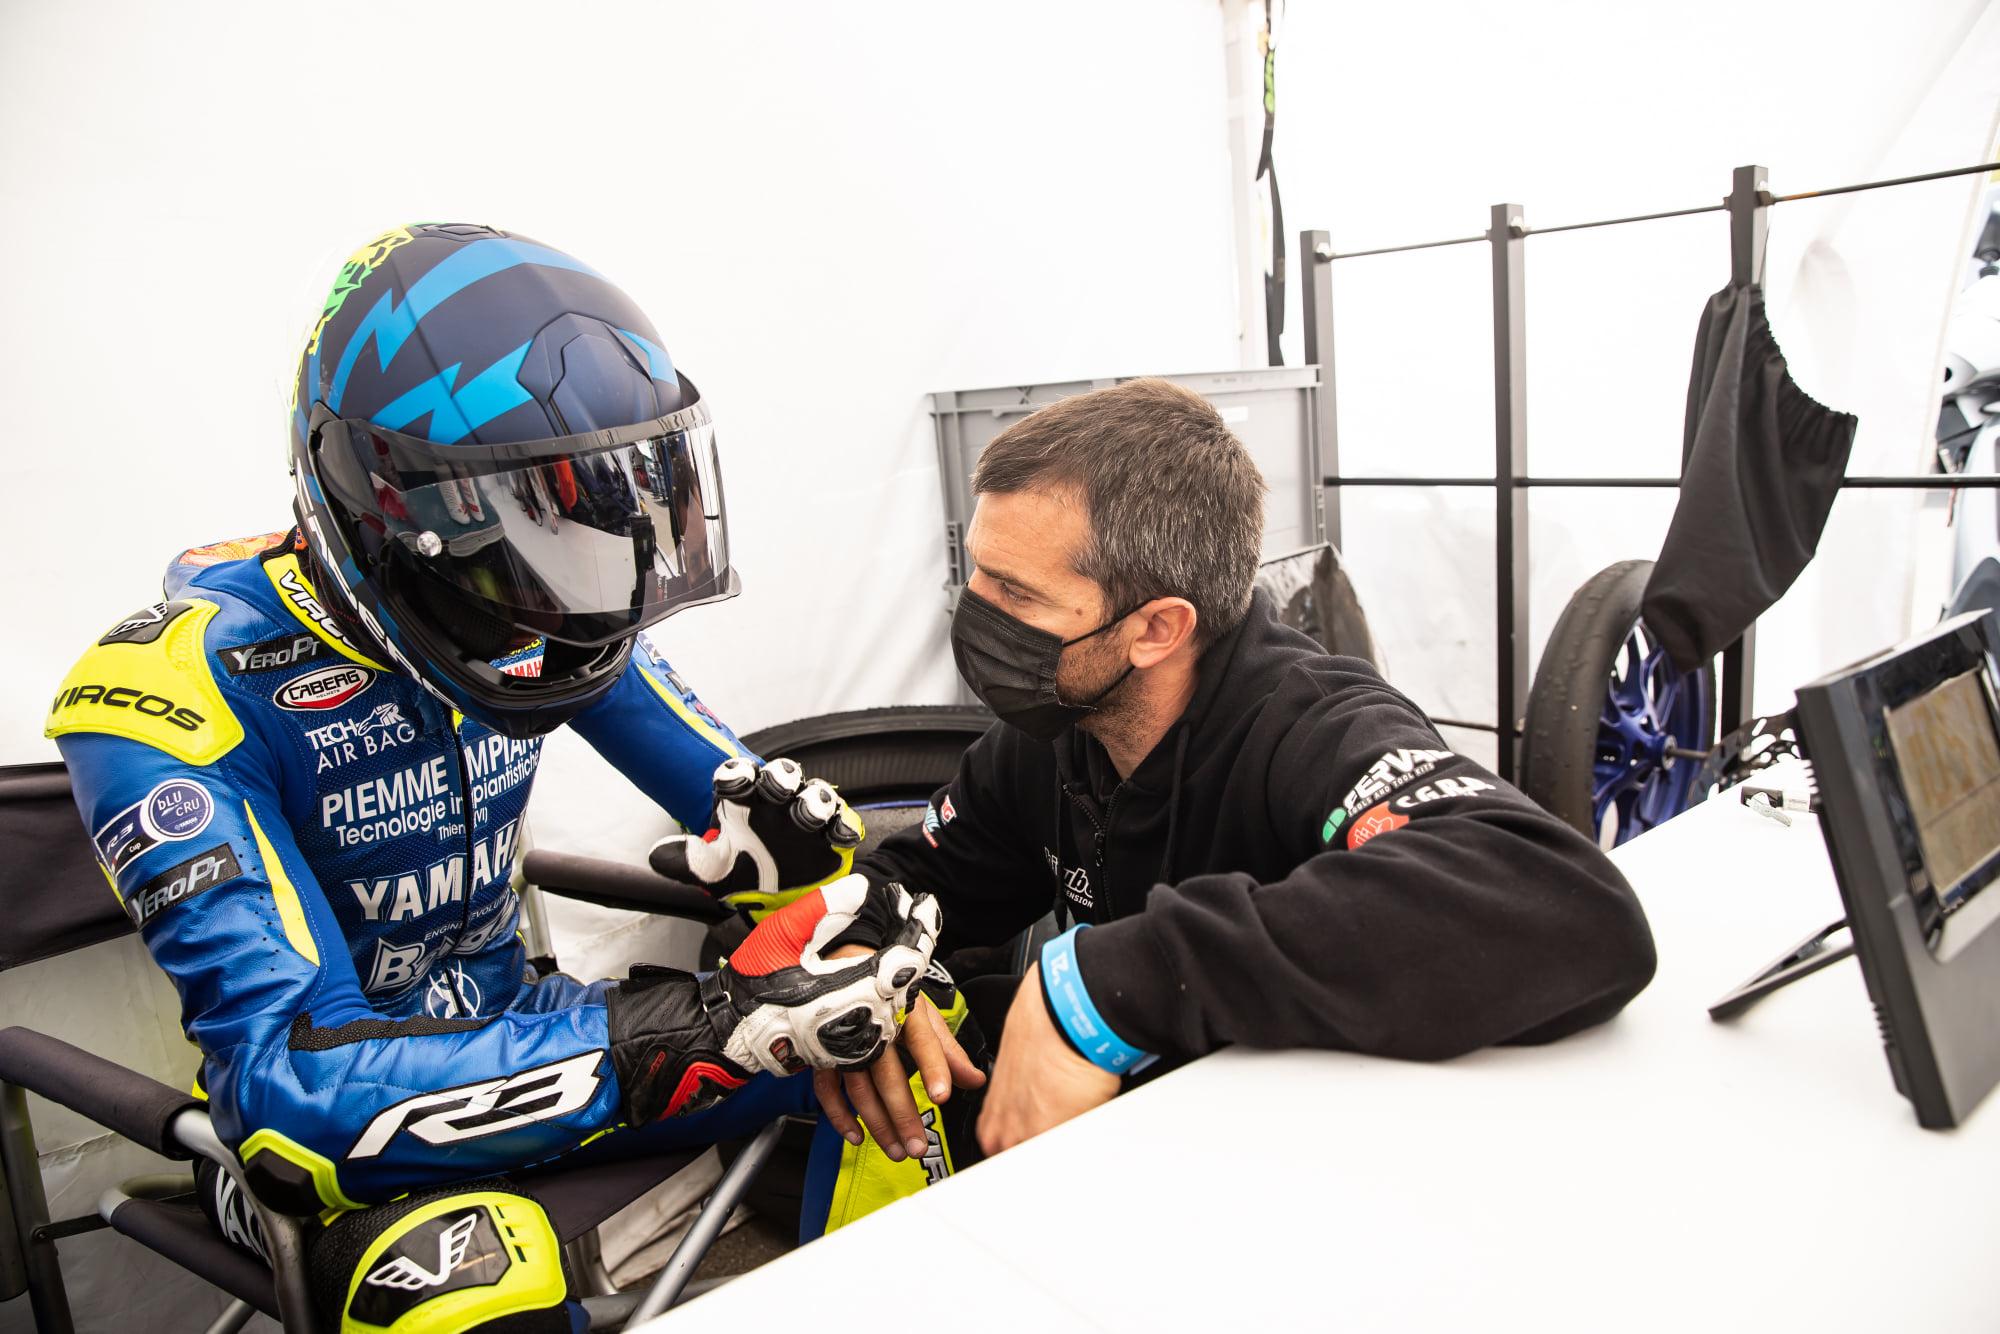 """Intervista ad Alex De Angelis tra presente e  passato """"Scendo in pista tutti i giorni con i miei piloti. La MotoE? Non cerca lo sviluppo"""""""